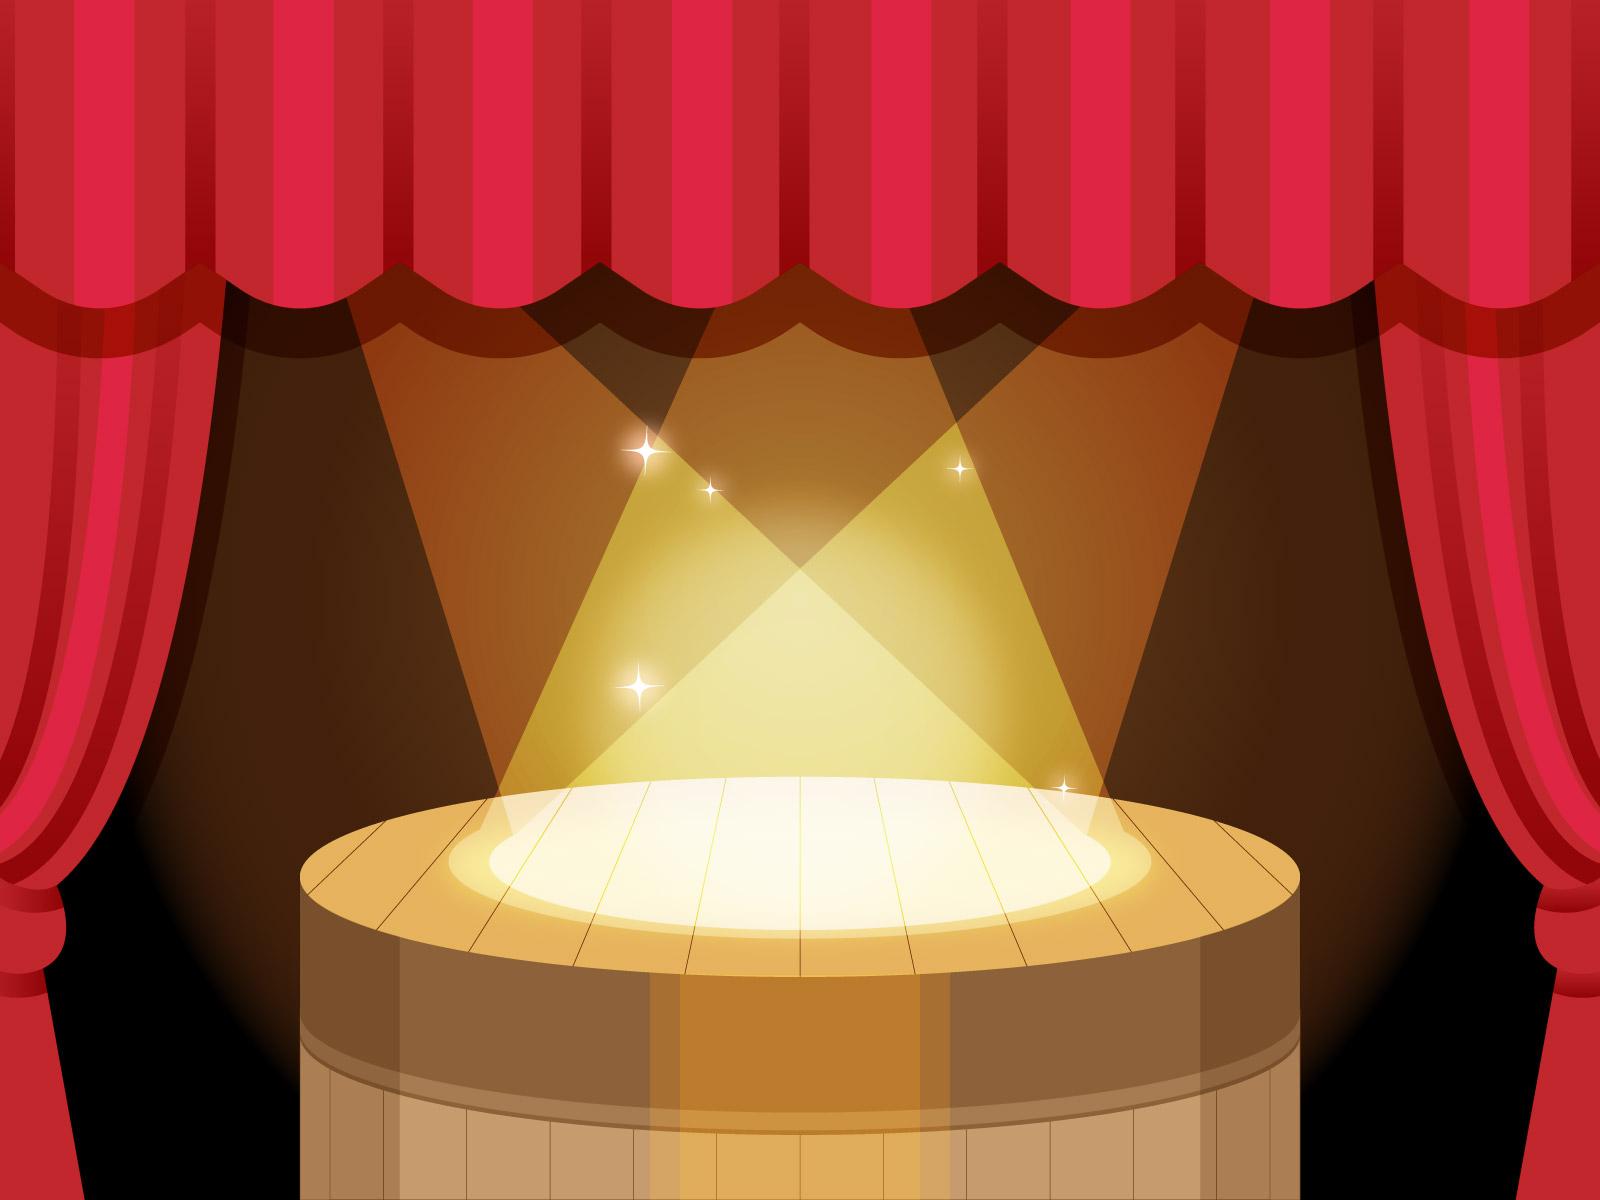 素材 ステージ ショー 芸能人 イベント